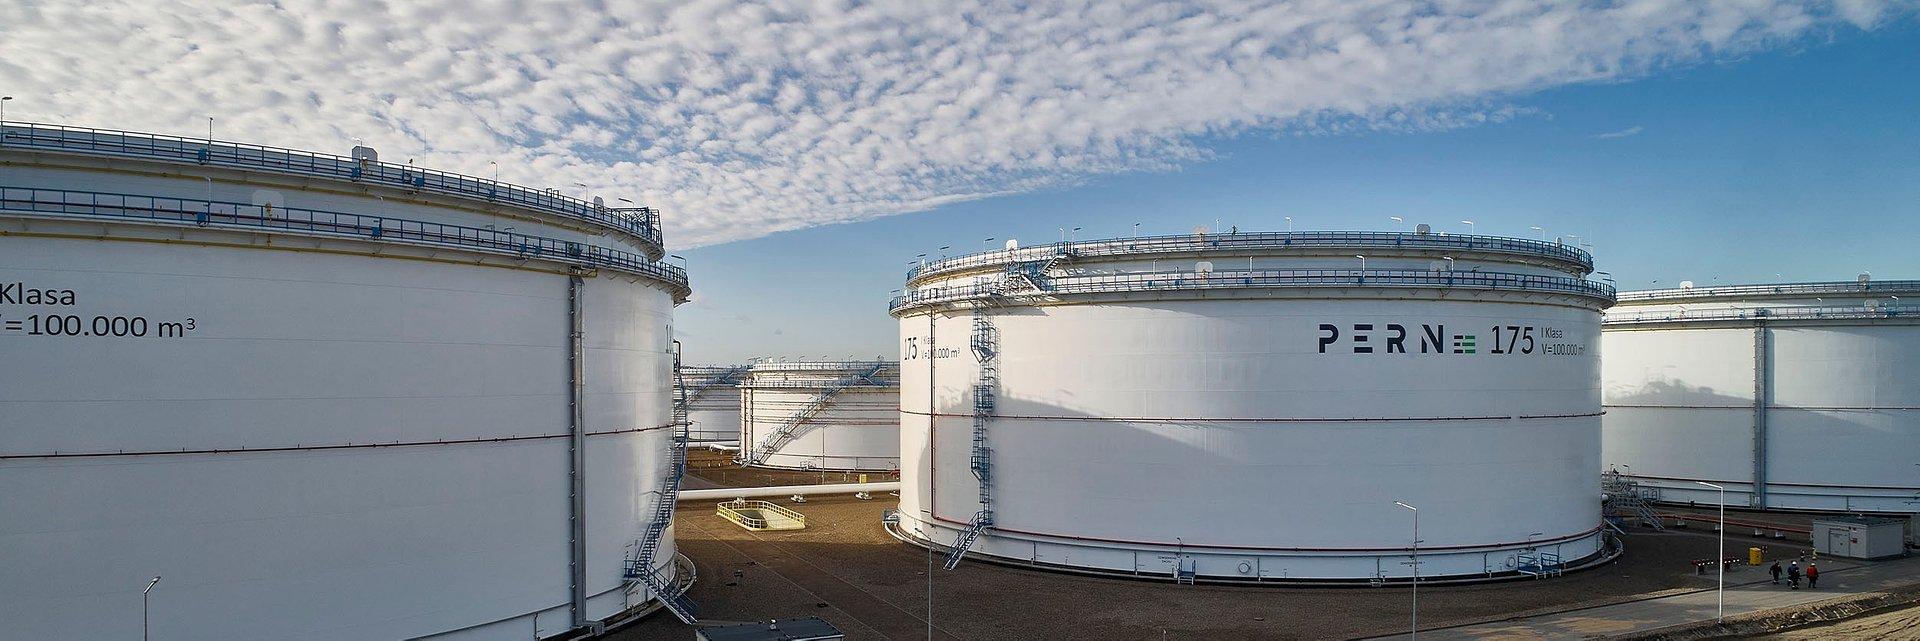 Klienci PERN otrzymają w 2021 roku nowe pojemności i skorzystają z oferty morskiego hubu paliwowego